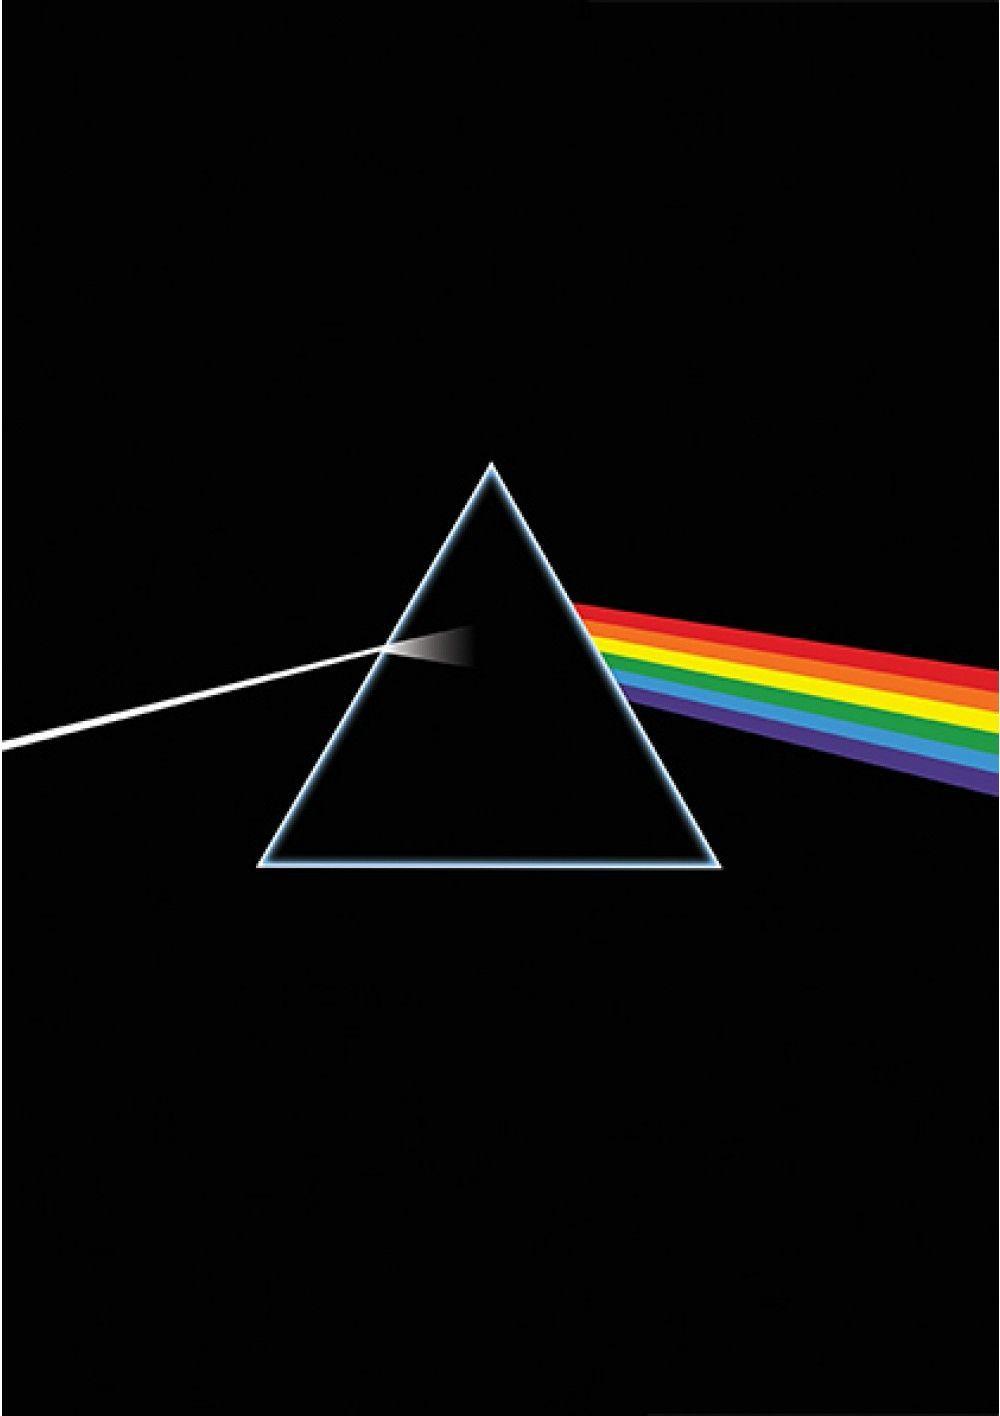 No final da década de 60, o rock'n'roll, como a música em geral, viria a se confrontar com algo novo, inusitado, e que seria responsável pela criação de um universo musical totalmente diferente dos já existentes. O responsável por tal feito é o Pink Floyd, uma das principais bandas do planeta.